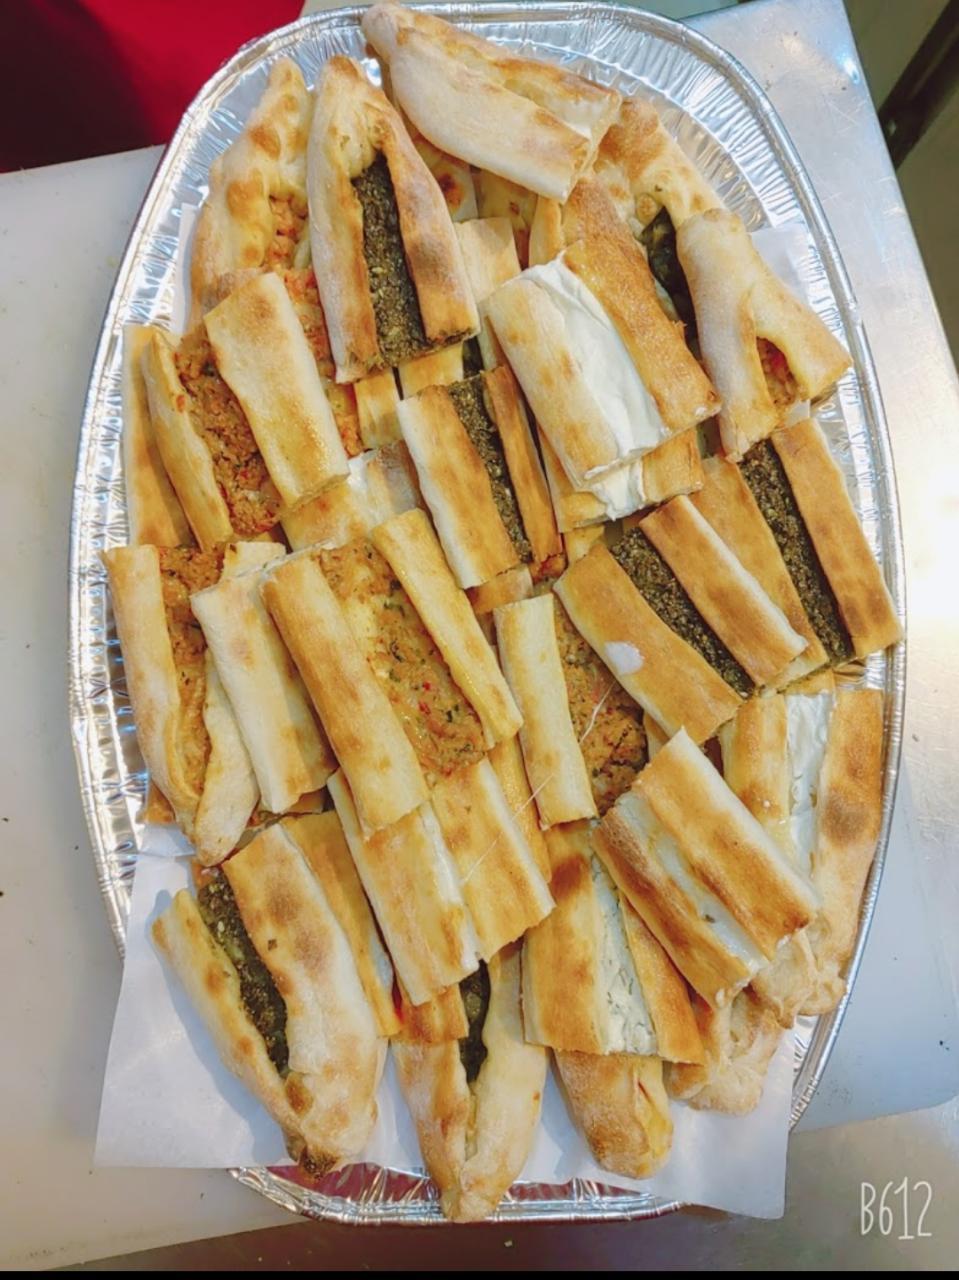 افضل مطاعم شرق الرياض الأسعار المنيو الموقع كافيهات و مطاعم الرياض